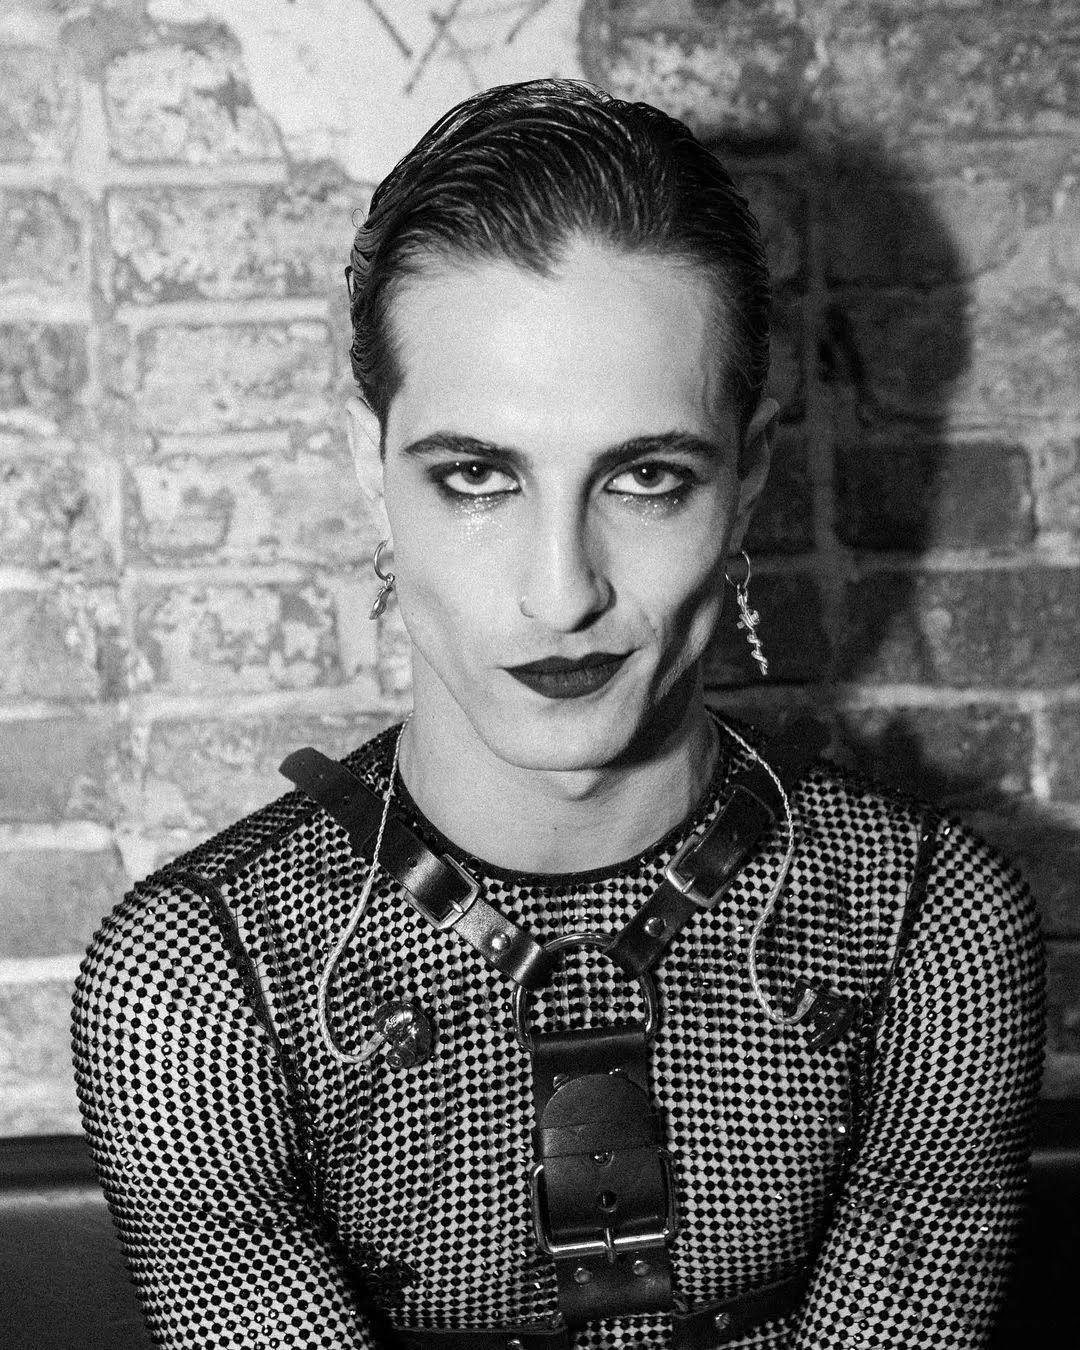 Дамиано Давид с накрашенными губами и в полупрозрачном наряде